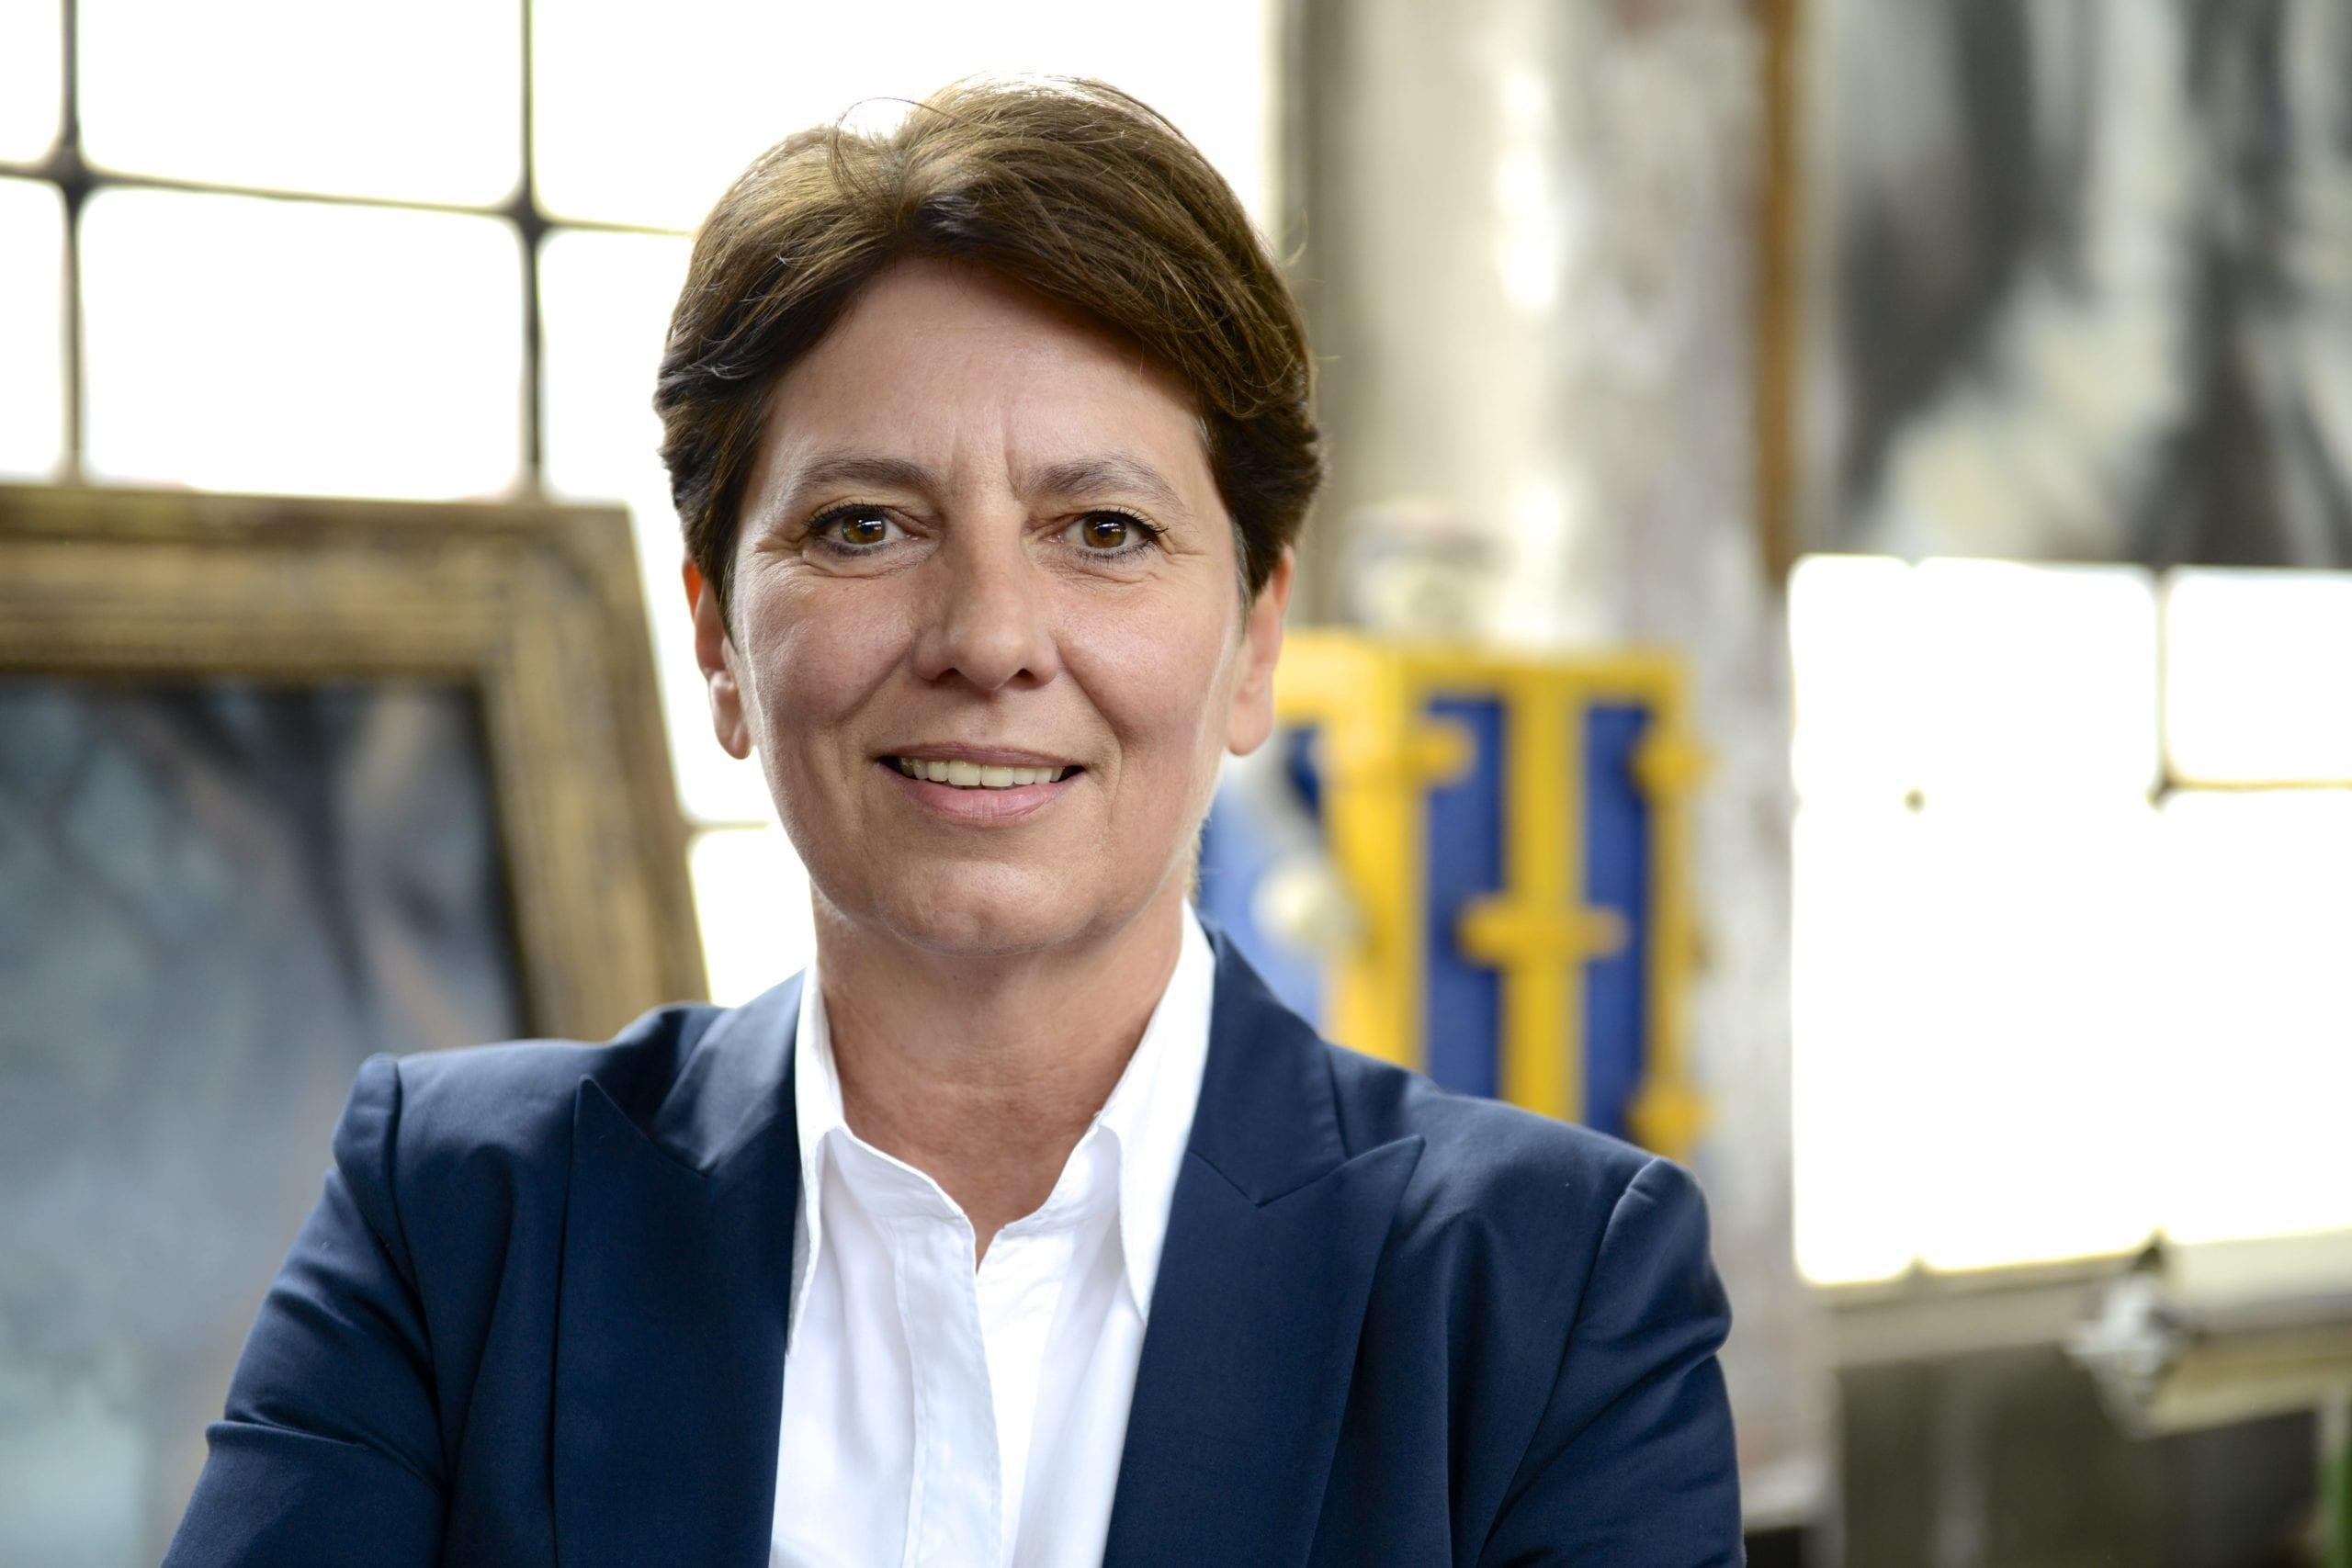 Stefanie Zumbruch